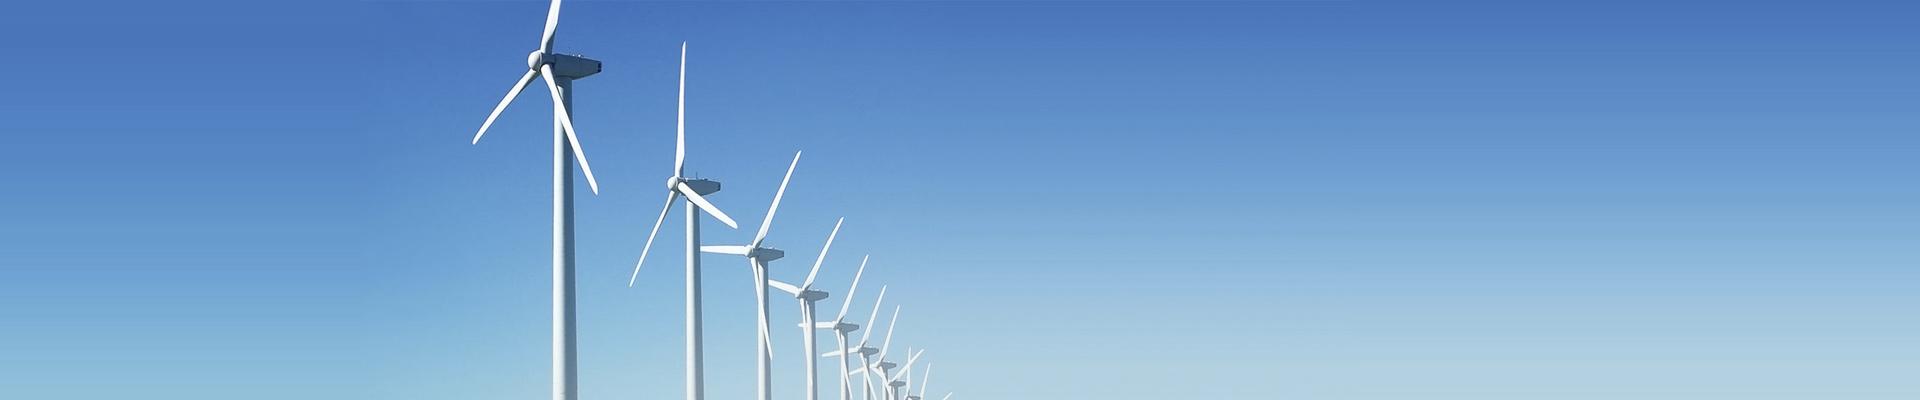 Futured sostenibilidad